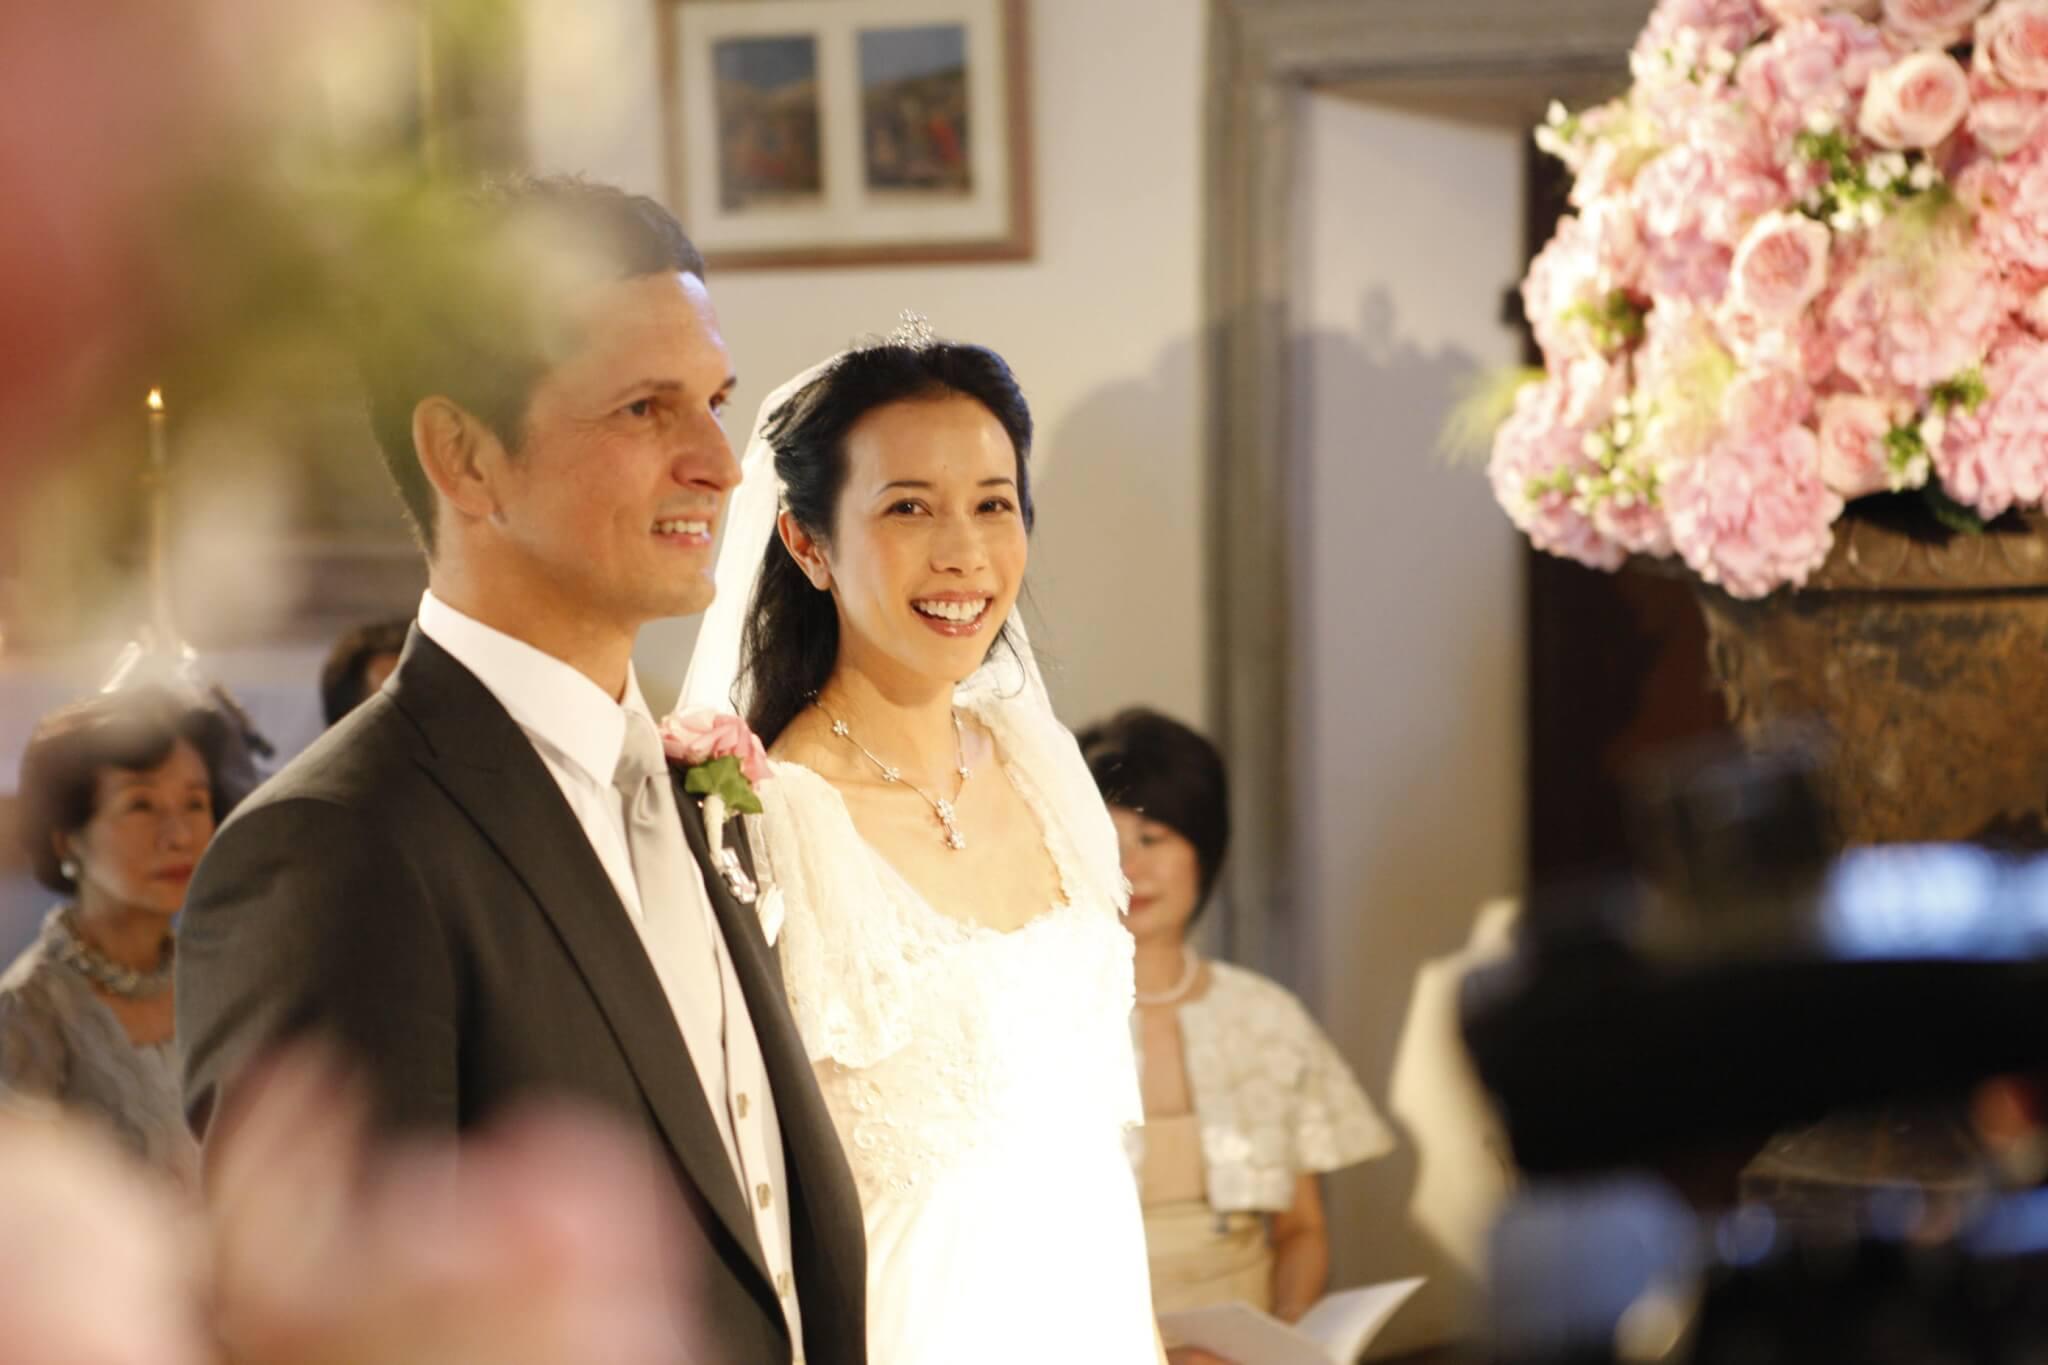 Karen一一年於意大利舉行婚禮,是她與Johannes最初相遇的地方,非常有意義。